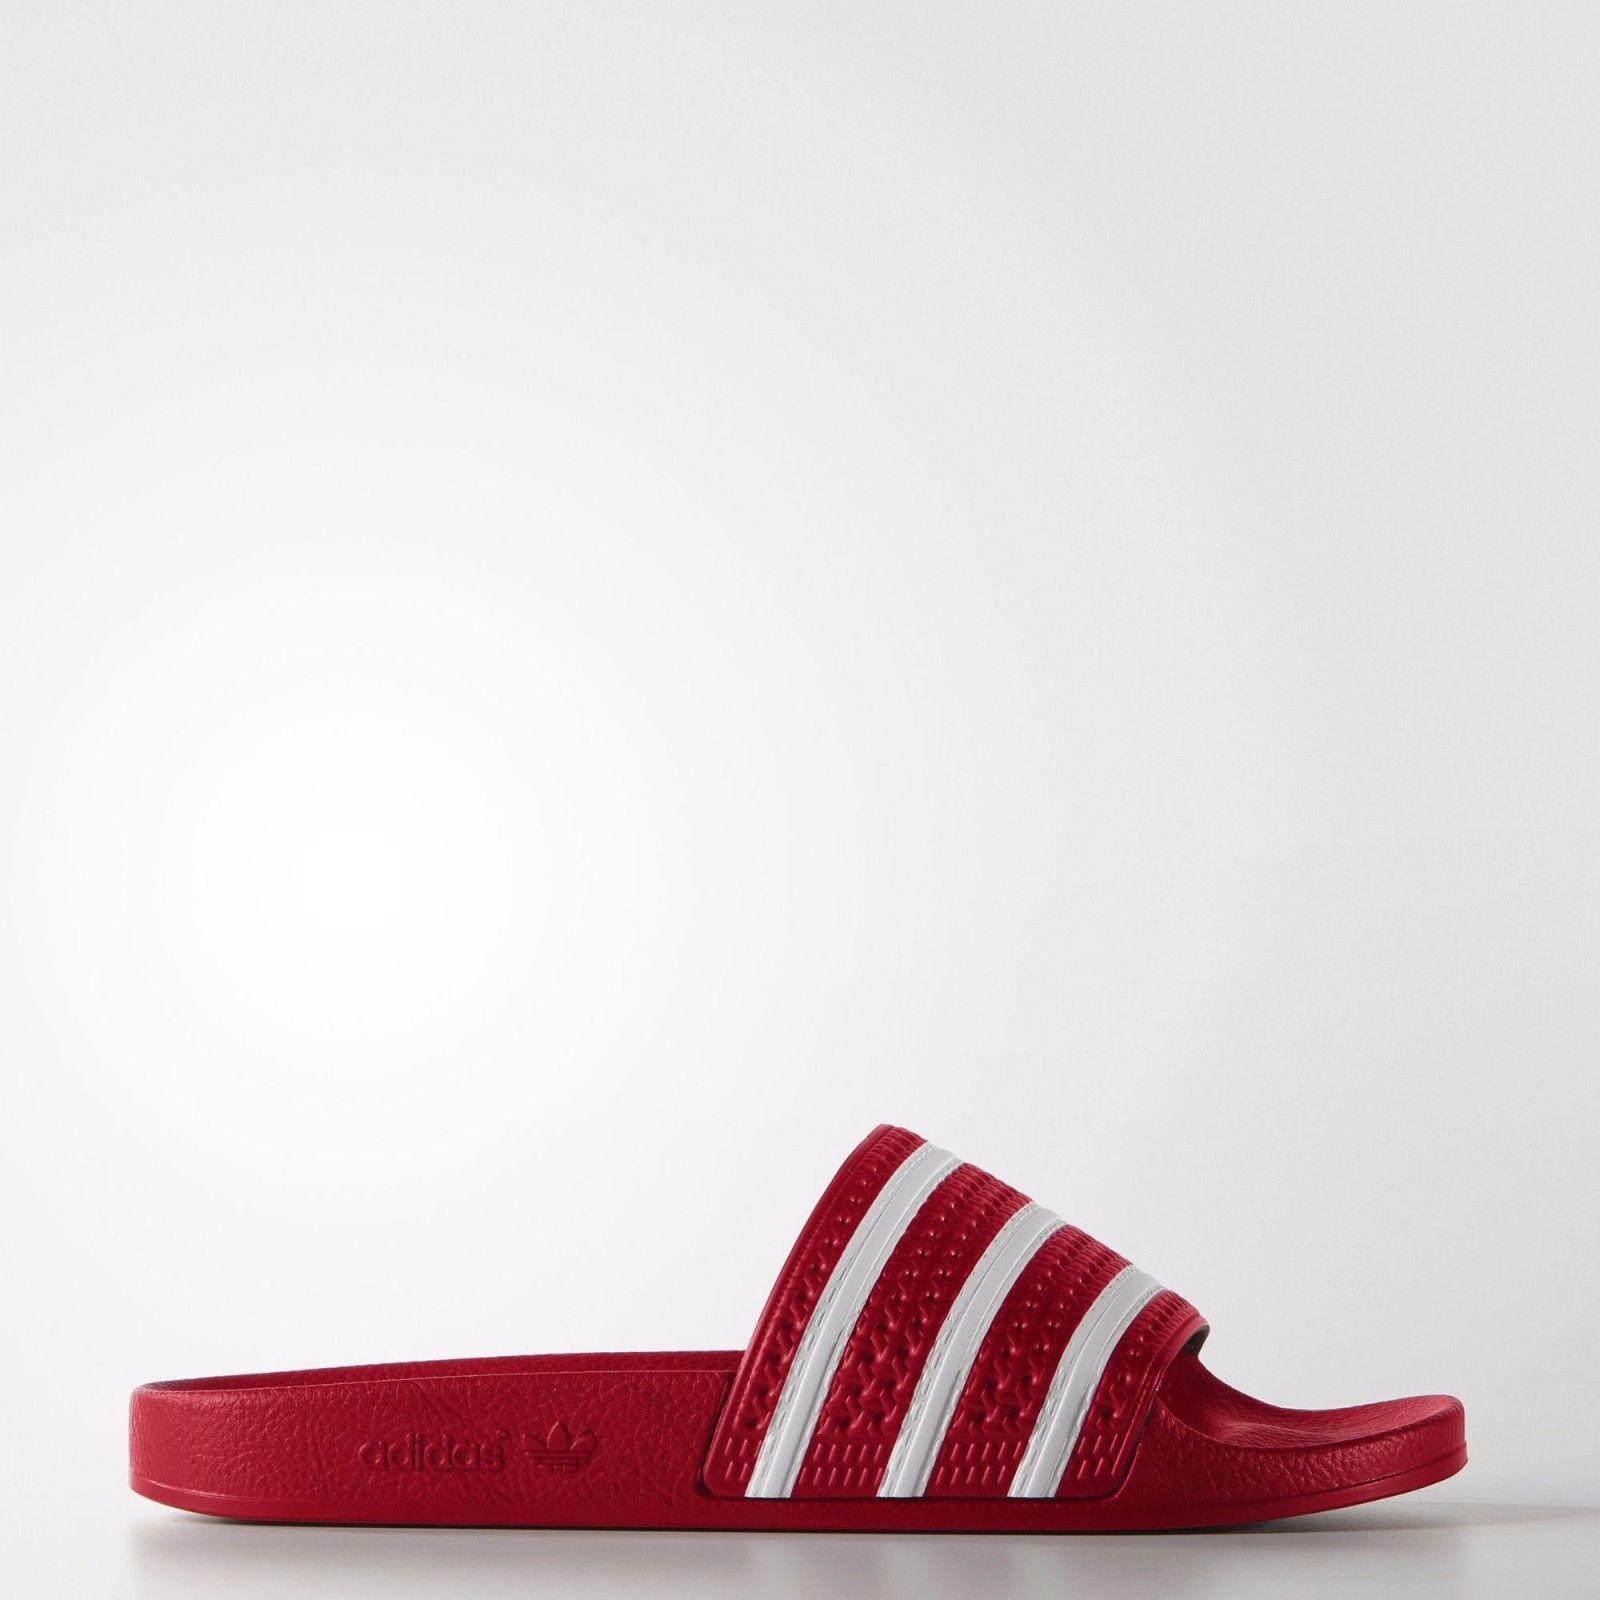 sandali e le infradito 11504: adidas uomini s adilette rosso scarlatto